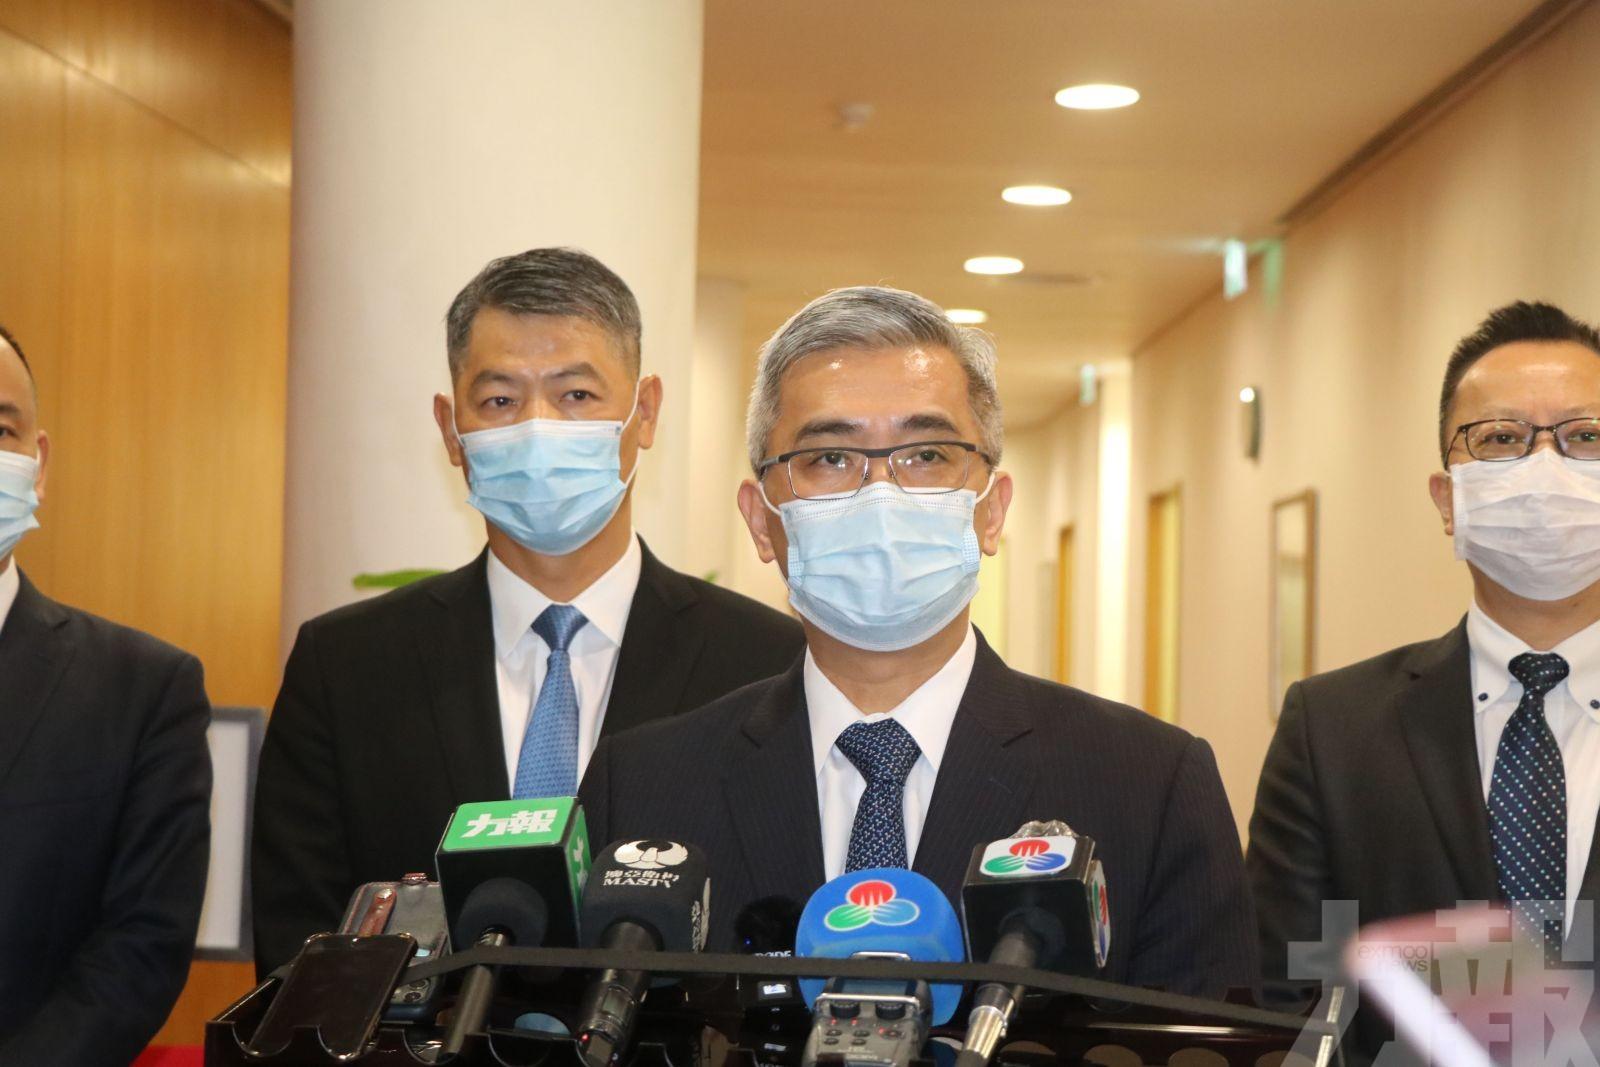 黃少澤:水客勿以漏洞增加防疫負擔